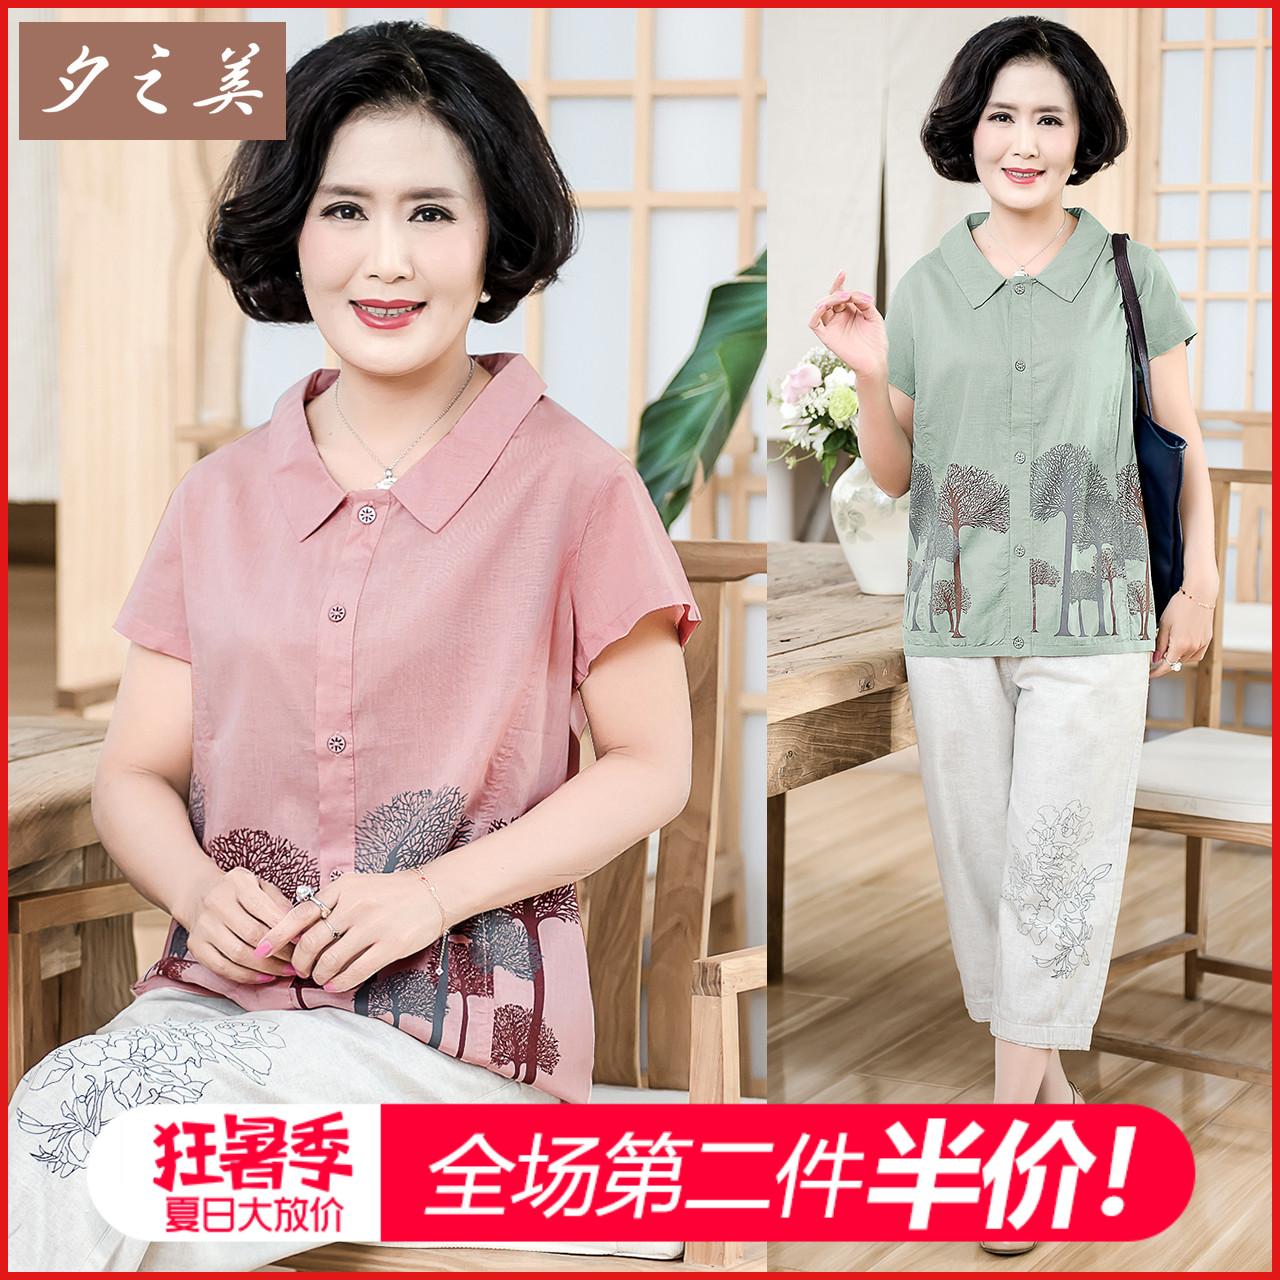 妈妈装夏季套装中老年女装棉麻短袖T恤亚麻裤子50-60岁老人奶奶装